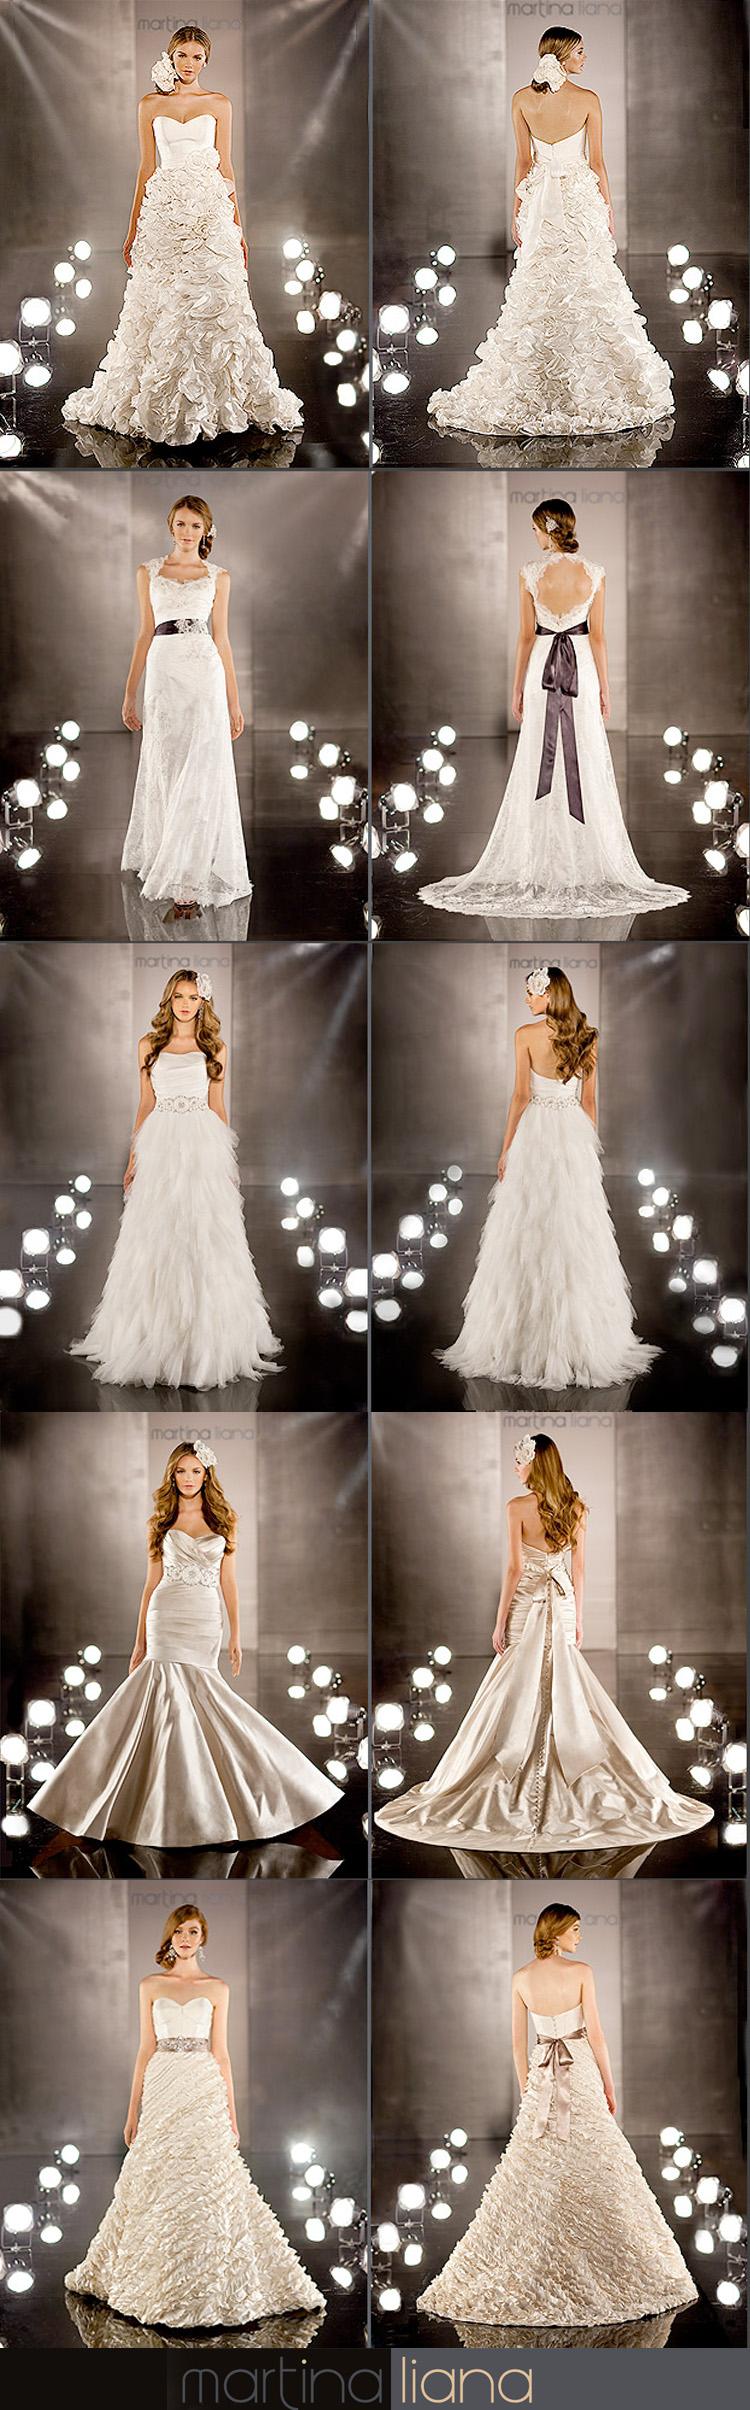 Martina Liana - Meg Guess Couture - Brides of Oklahoma - 2012 Collection